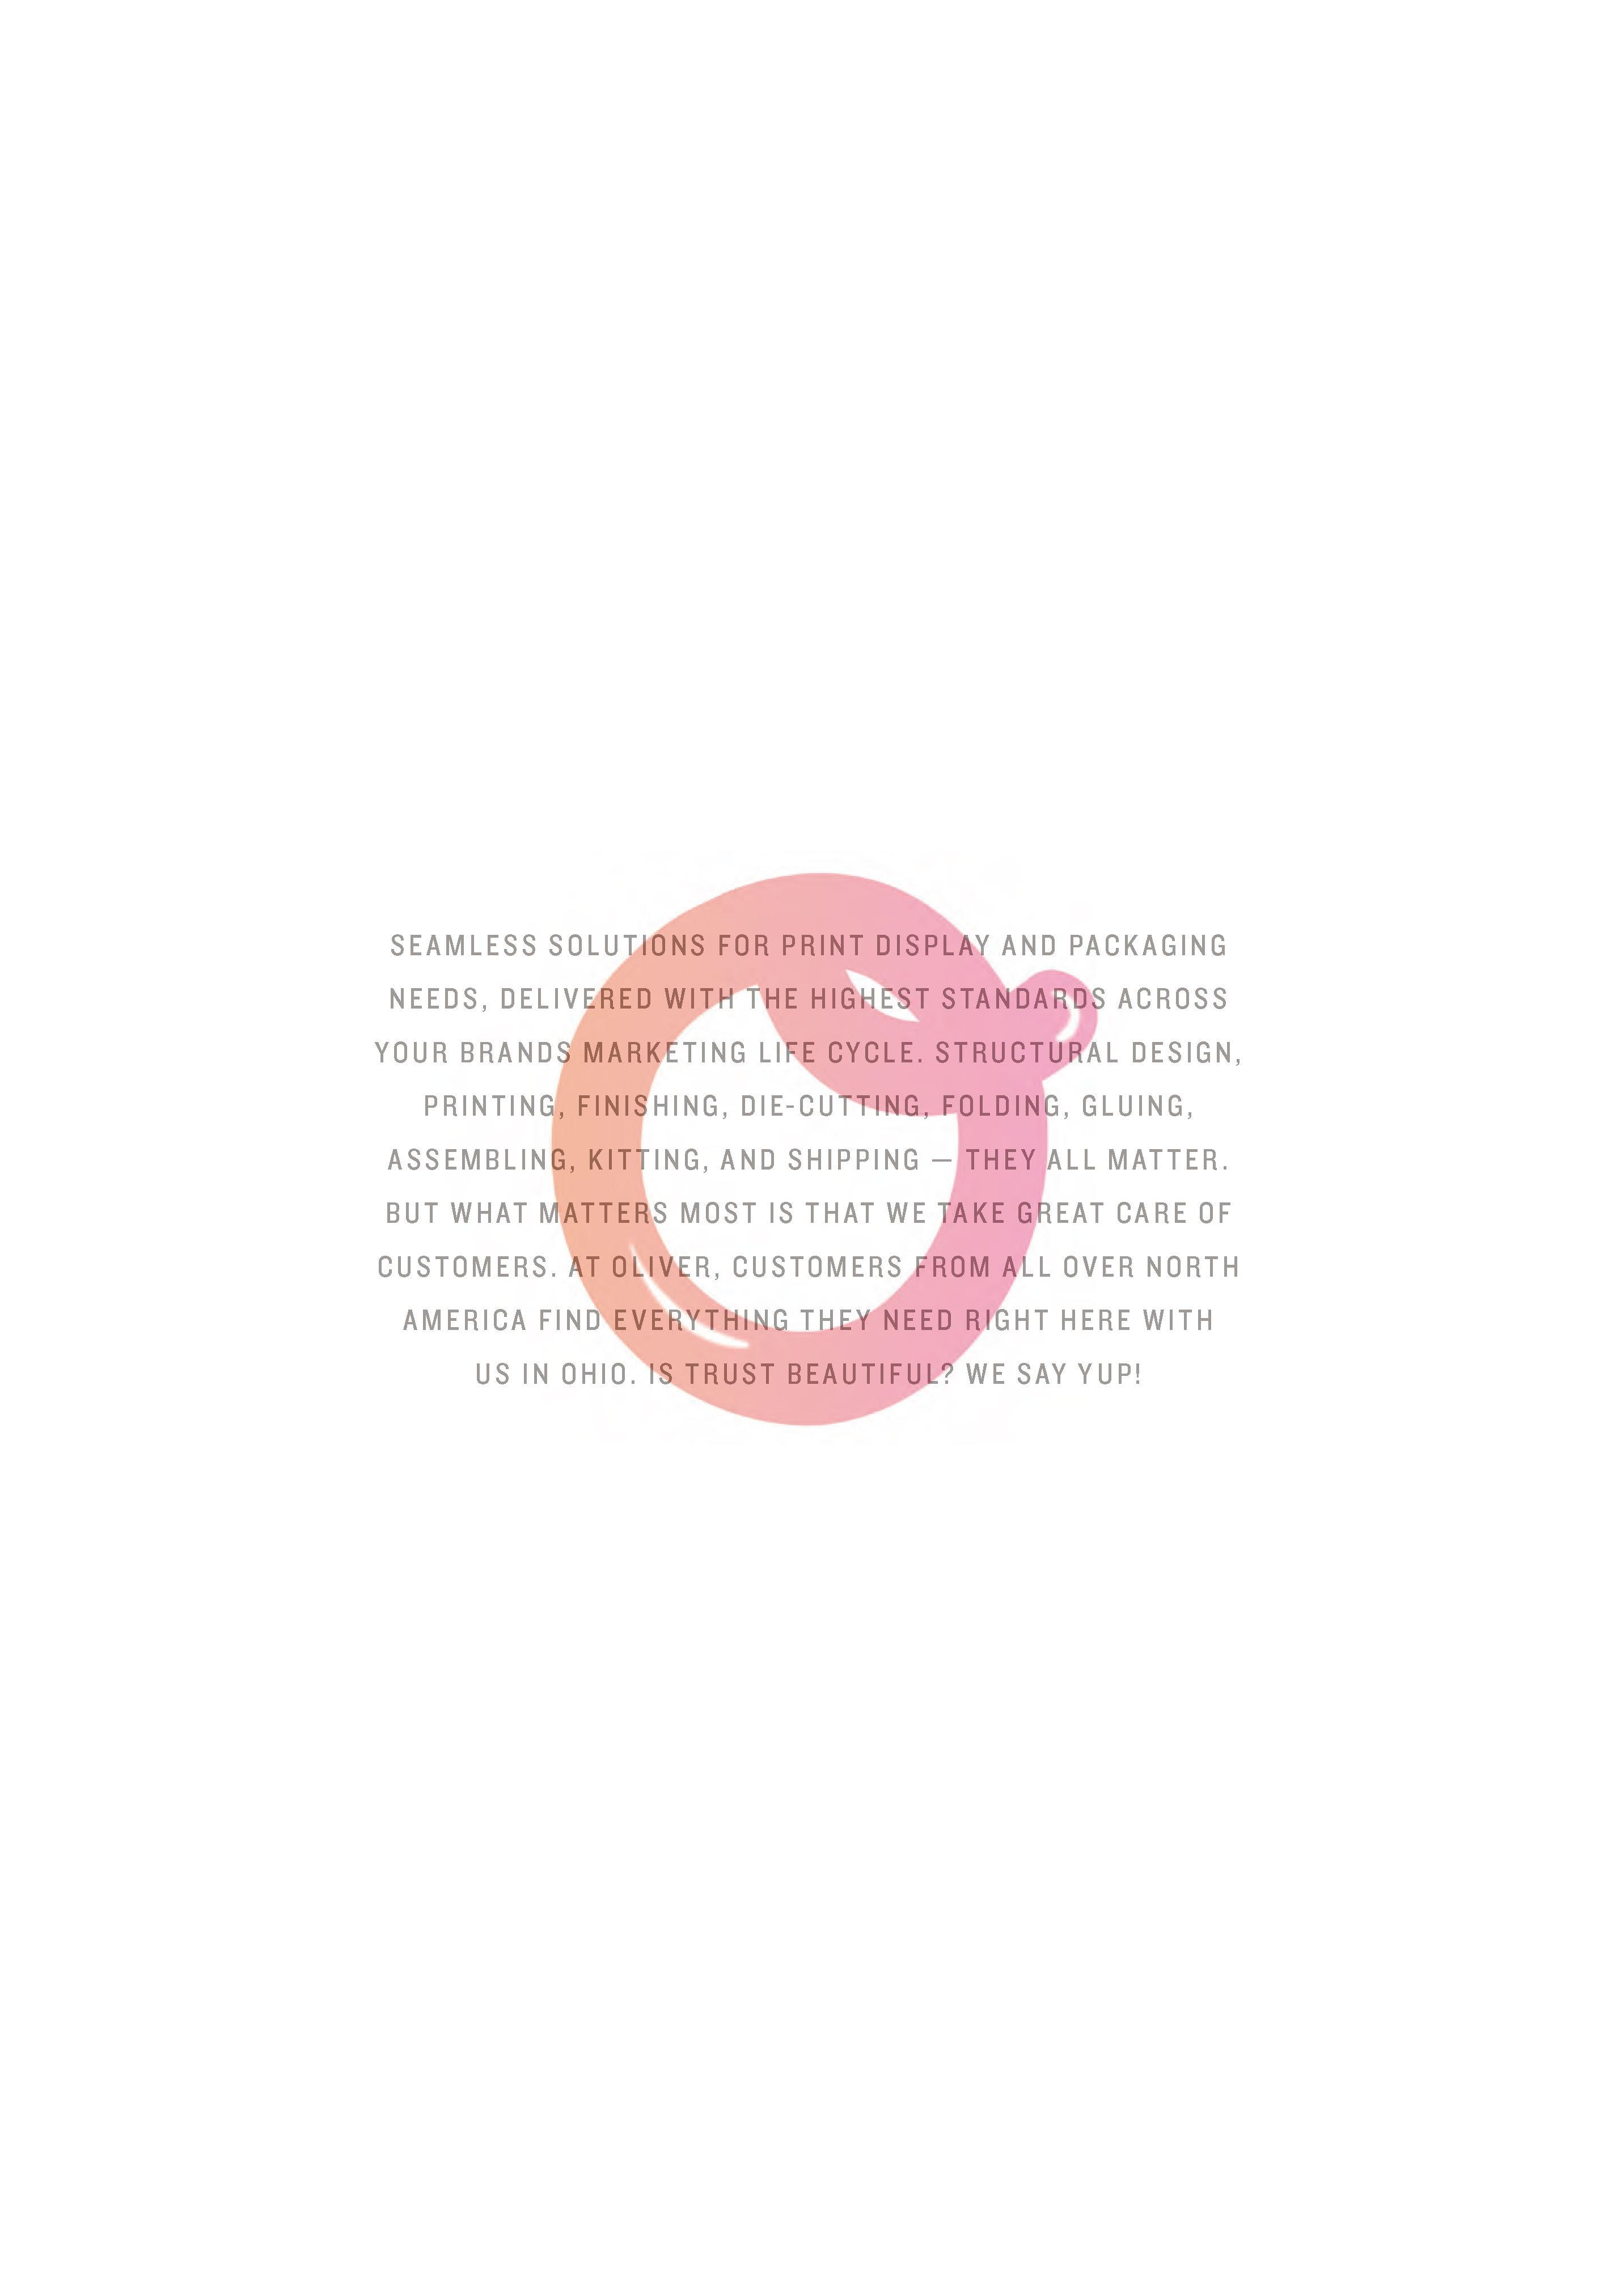 http://ppp17.oliverprinting.com/wp-content/uploads/Oliver-2017-Lookbook_Page_05.jpg